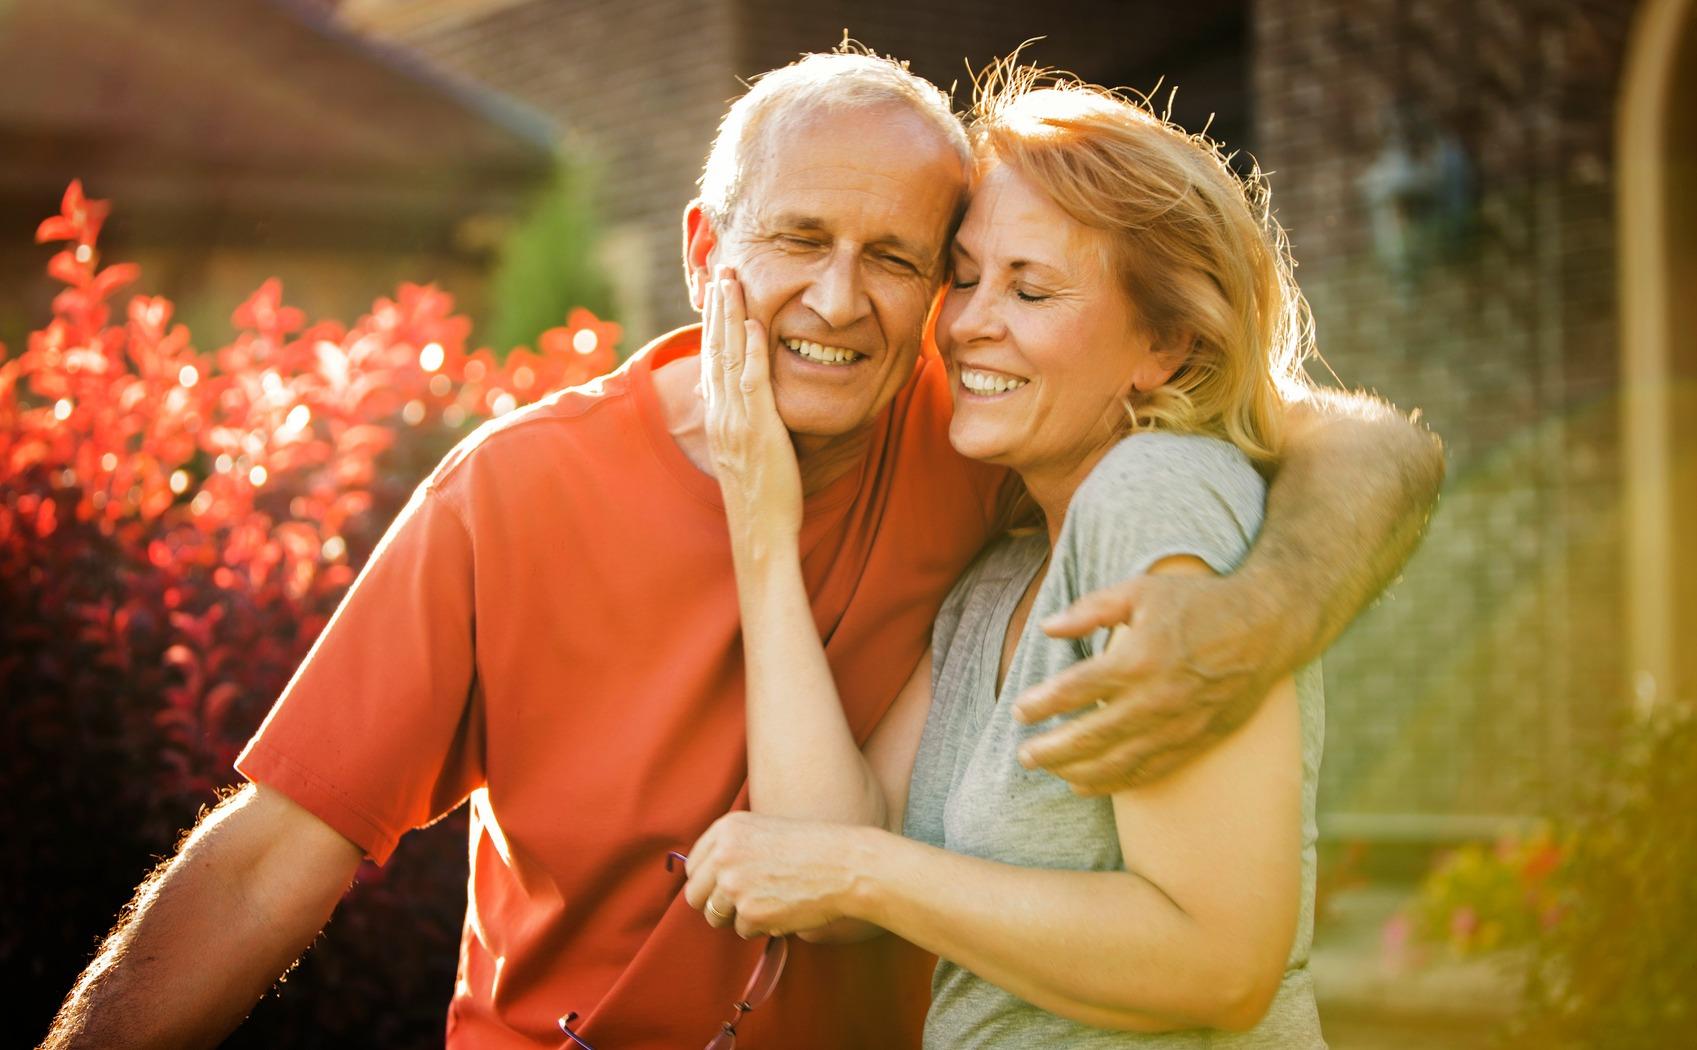 mancanza di desiderio femminile in menopausa